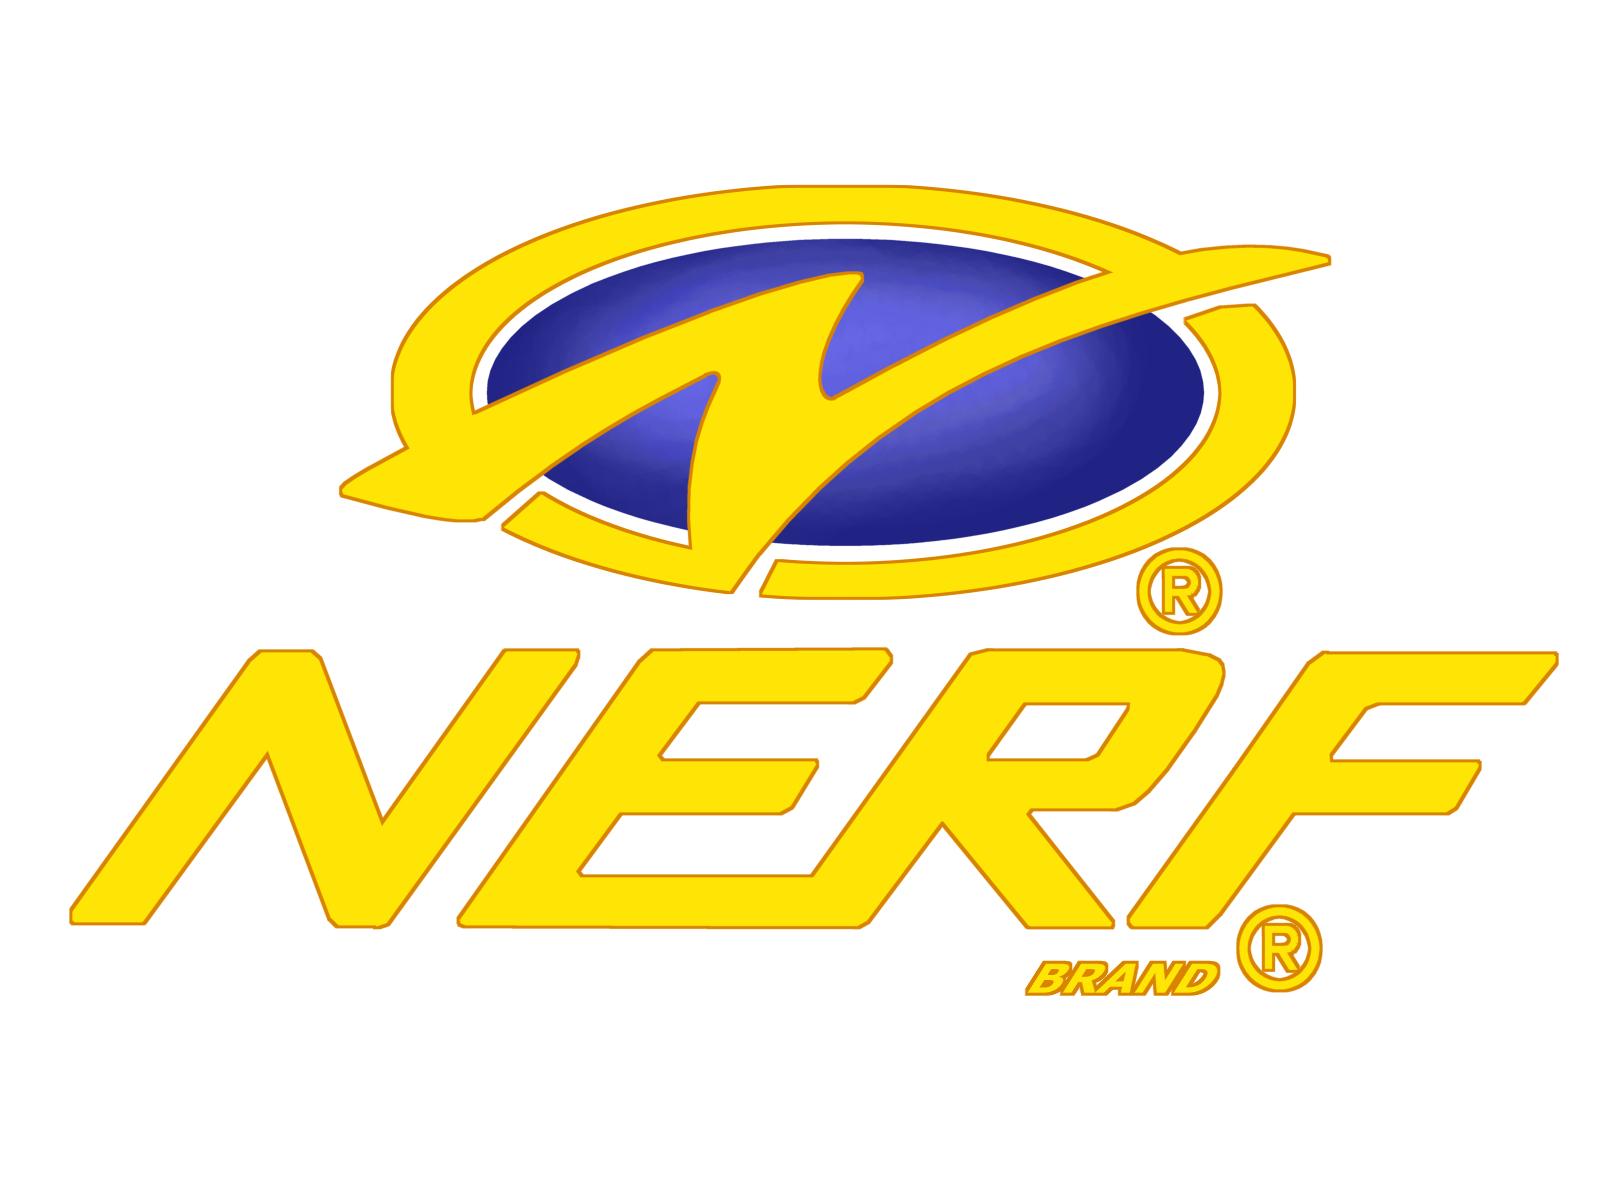 Nerf Logo - Free Transparent Png Logos - Free Printable Nerf Logo